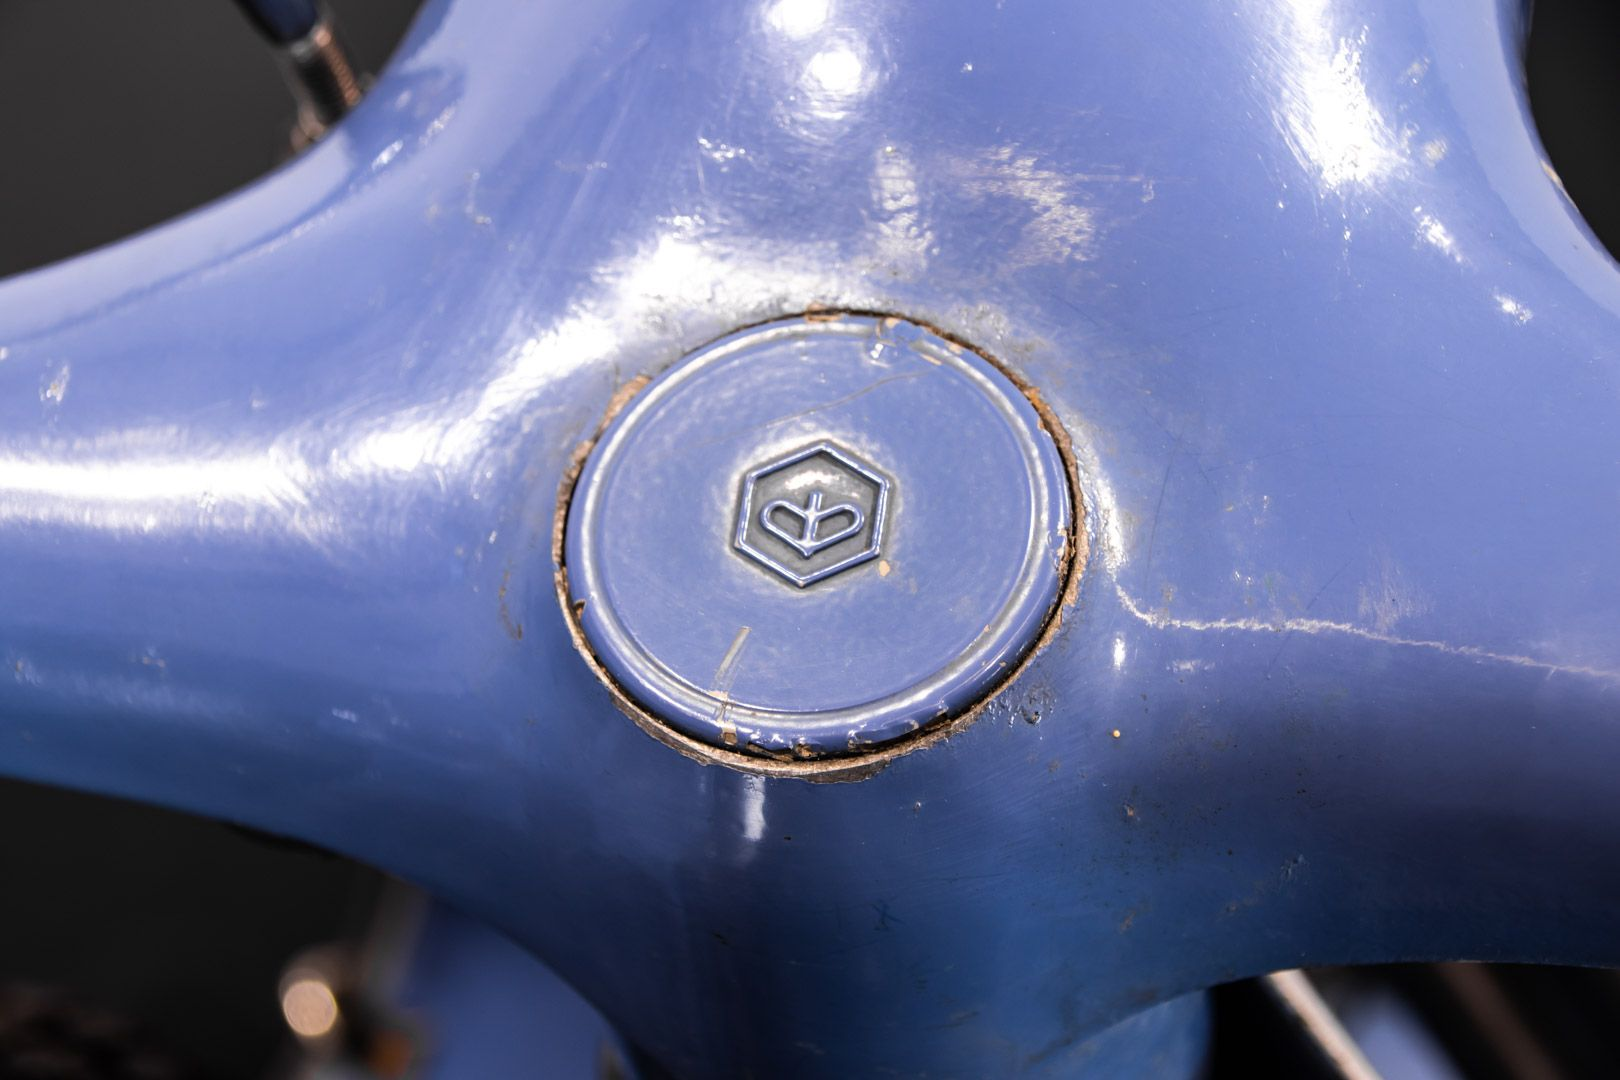 1974 Piaggio Vespa 50 3 marce 83509